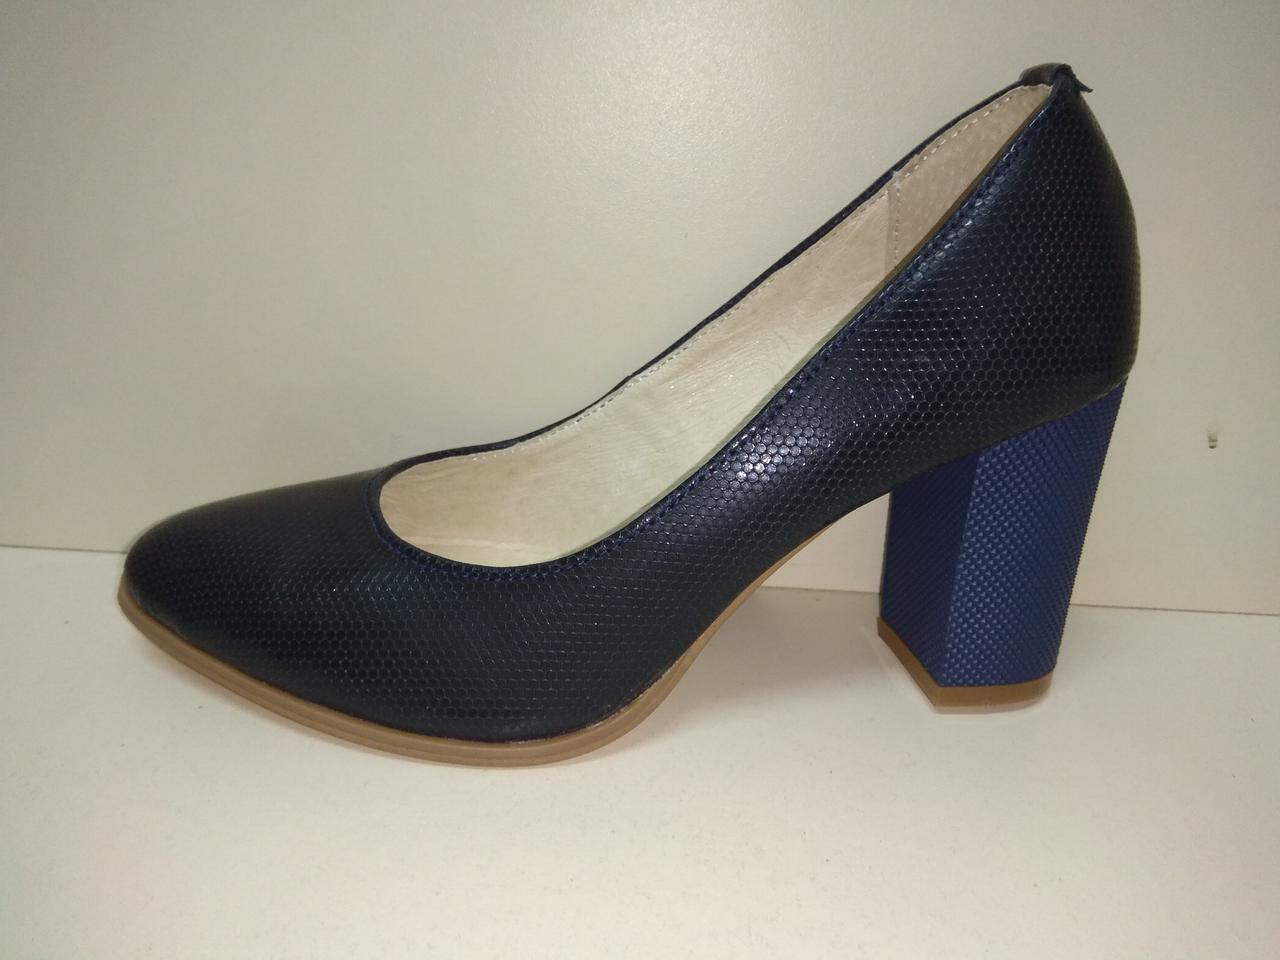 a77580ad7 Туфли женские рр. 33-43 каблук 8 см натуральная кожа